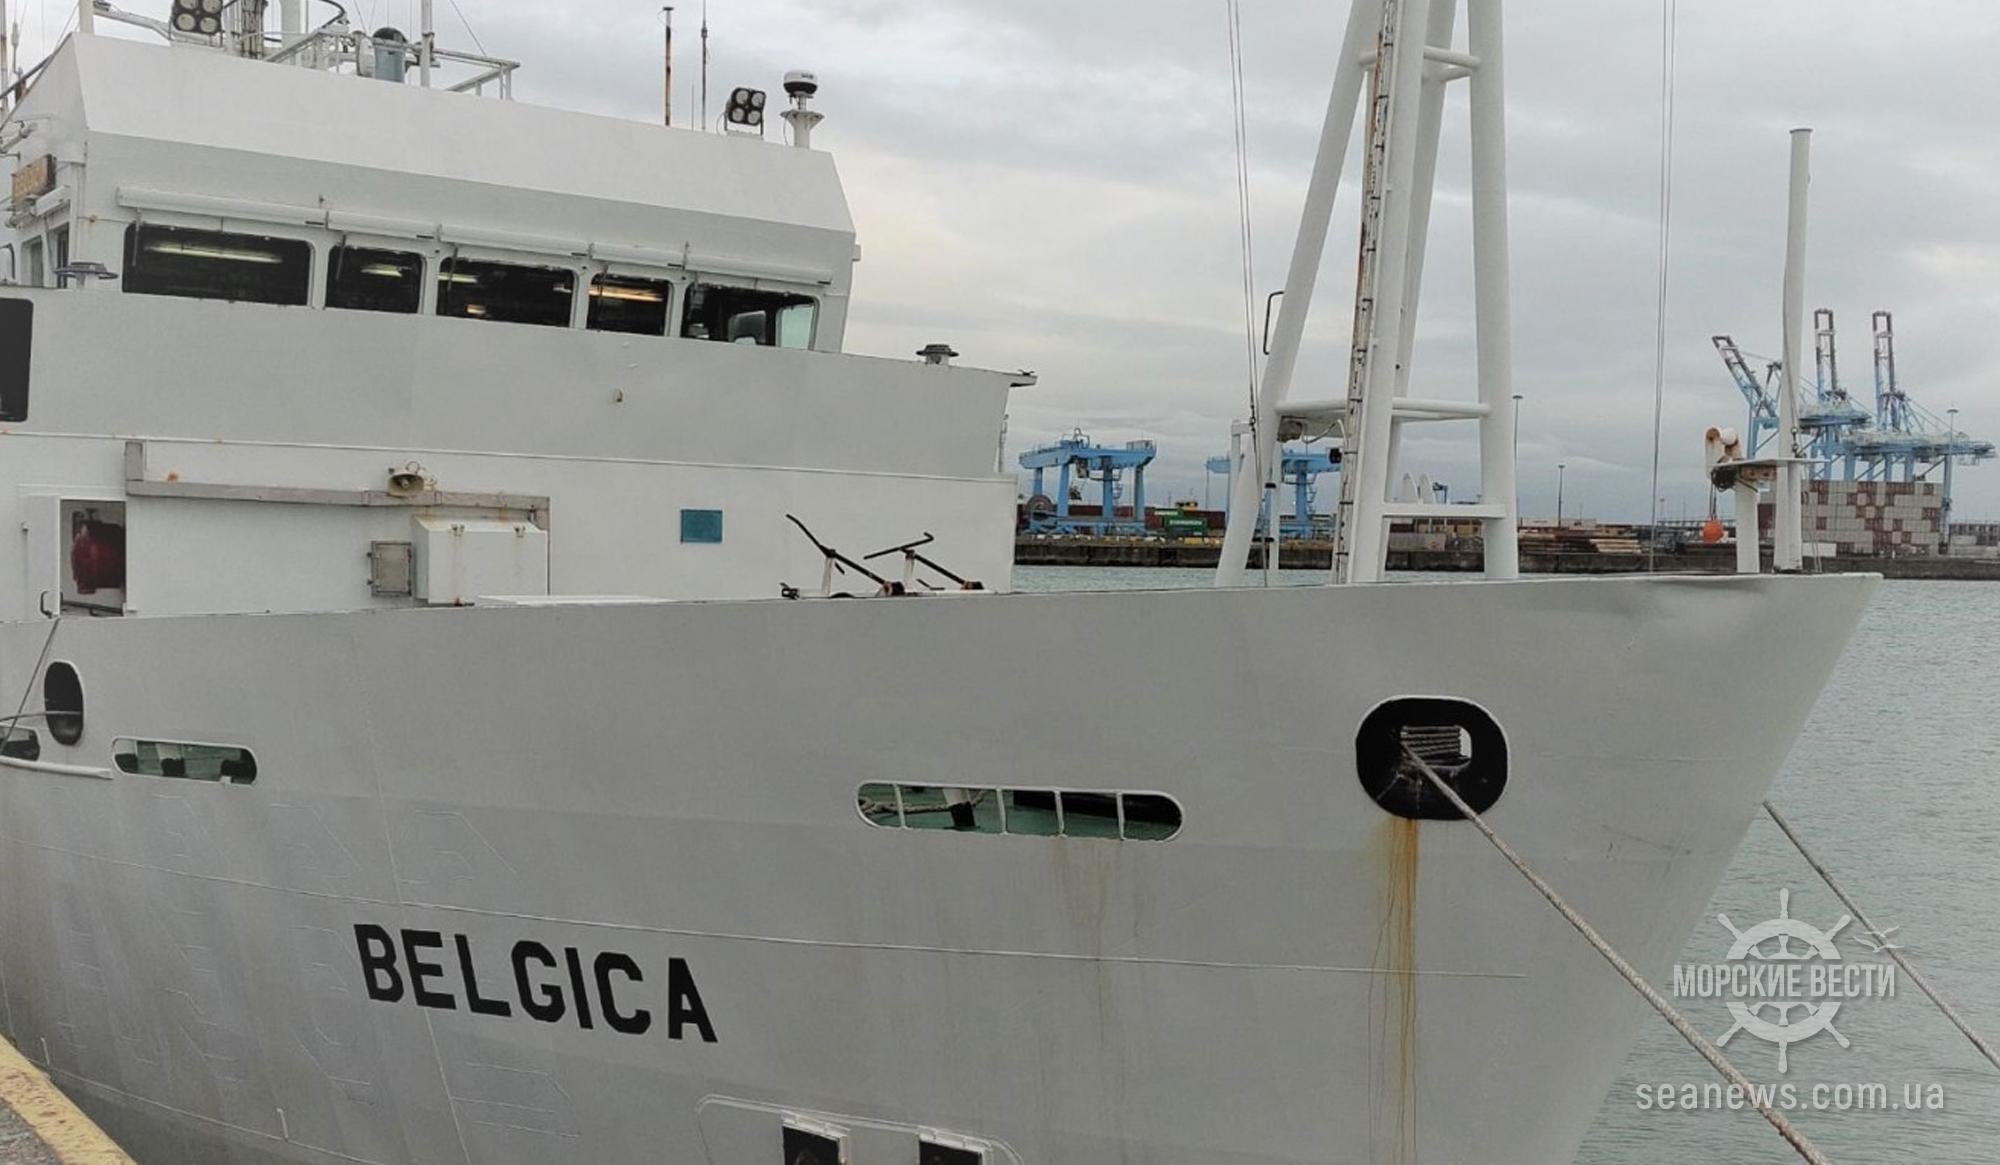 Подаренное Украине исследовательское судно «Бельгика» начало переход в Одессу